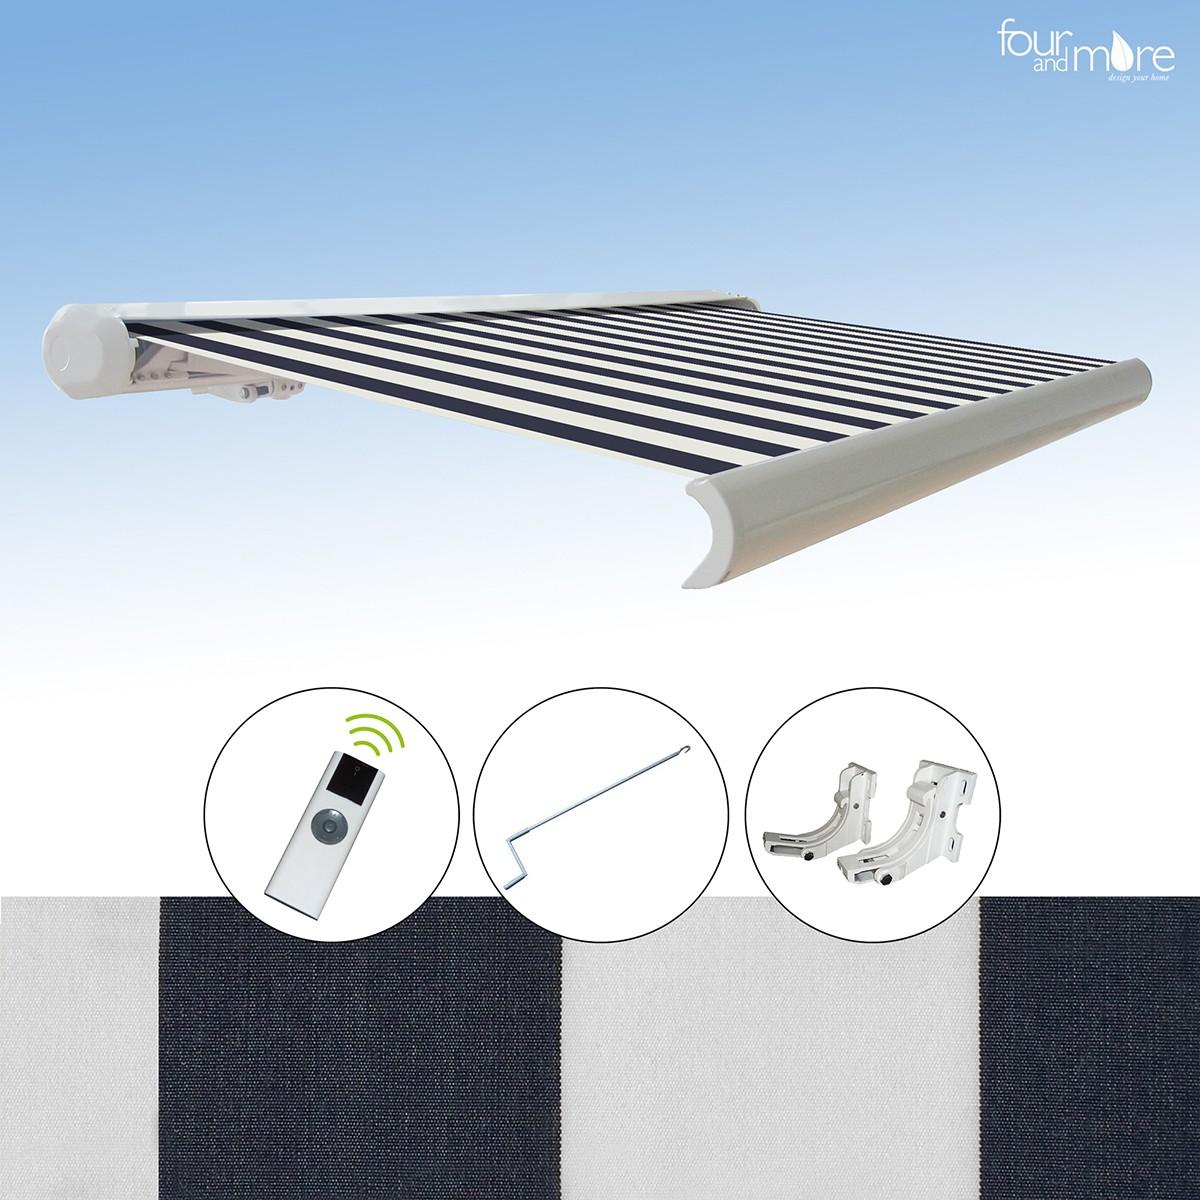 markise 4 5x3 m haus und garten garten sonnenschutz. Black Bedroom Furniture Sets. Home Design Ideas